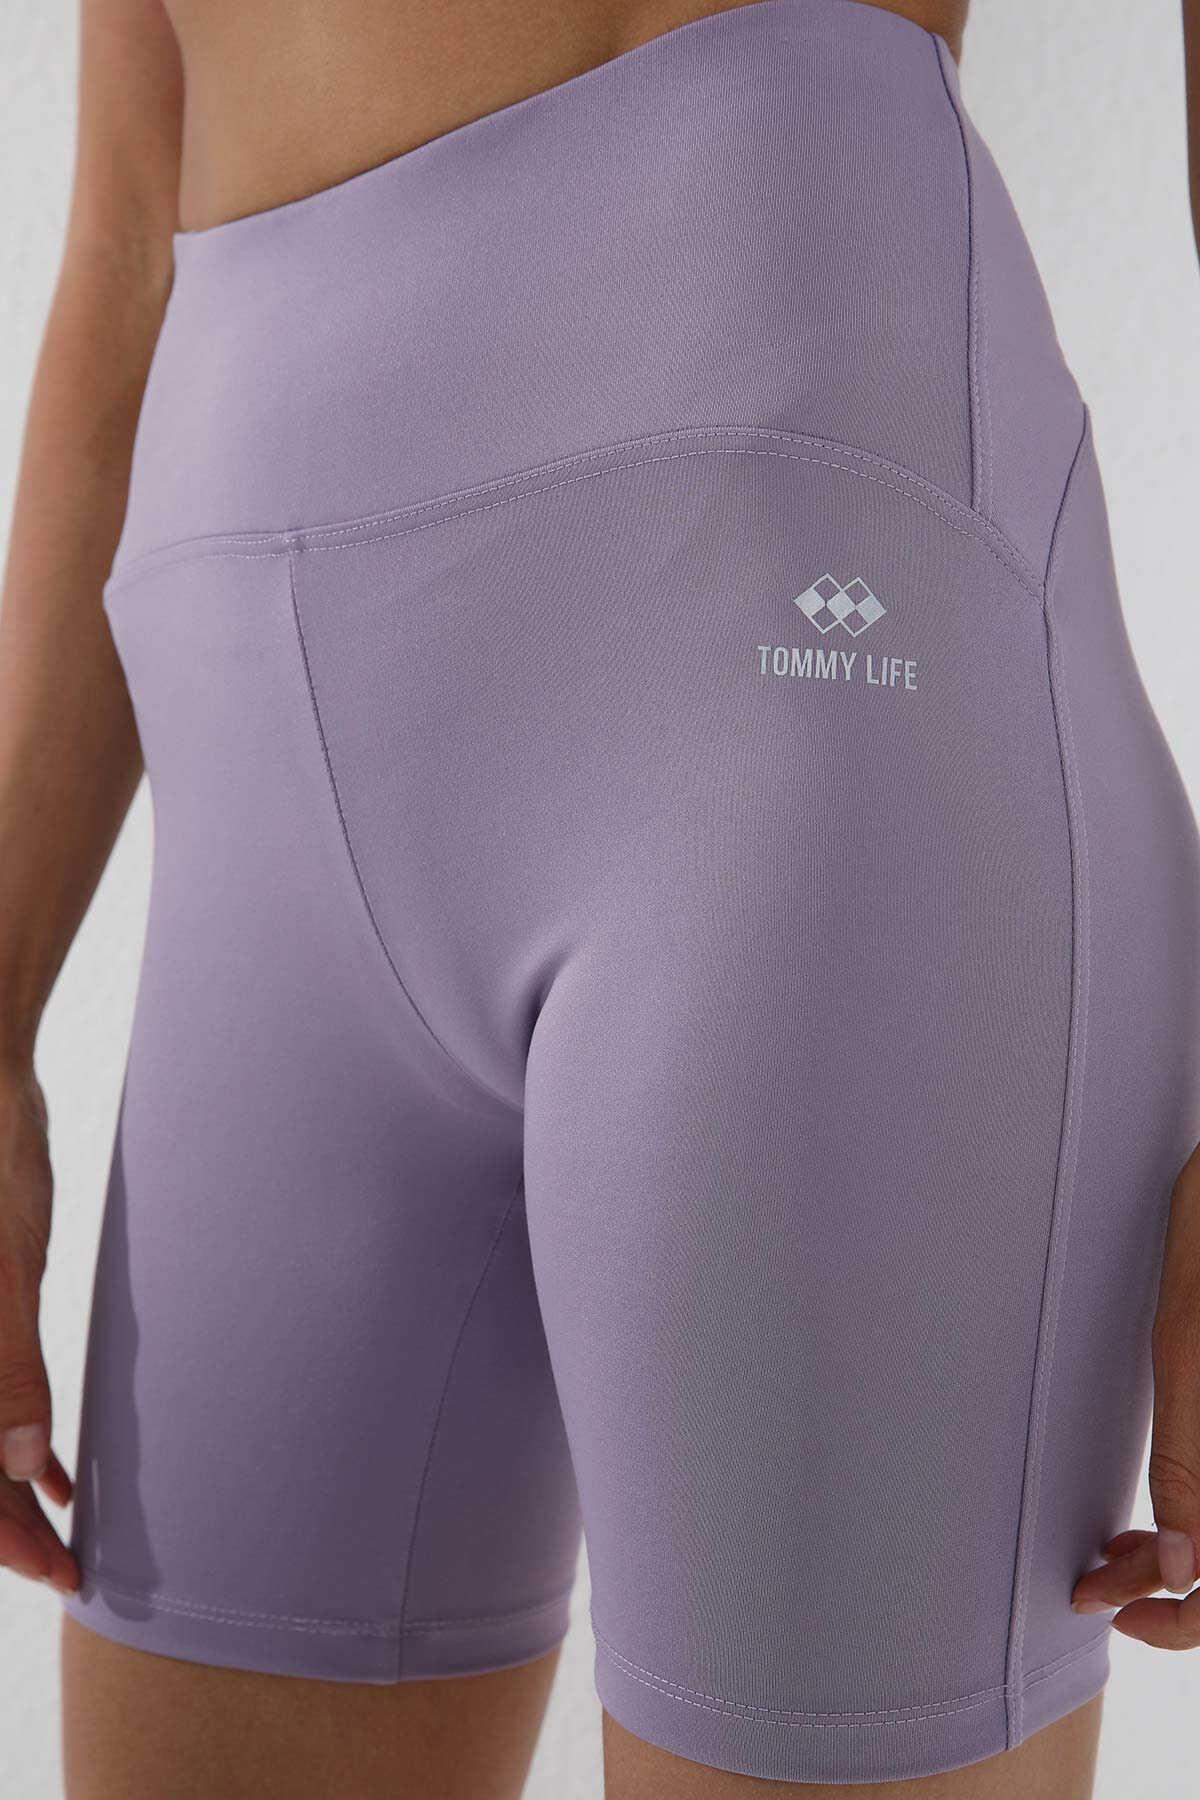 Tommy Life Toptan Eflatun Kadın Yüksek Bel Toparlayıcı Kısa Biker Tayt - 91007